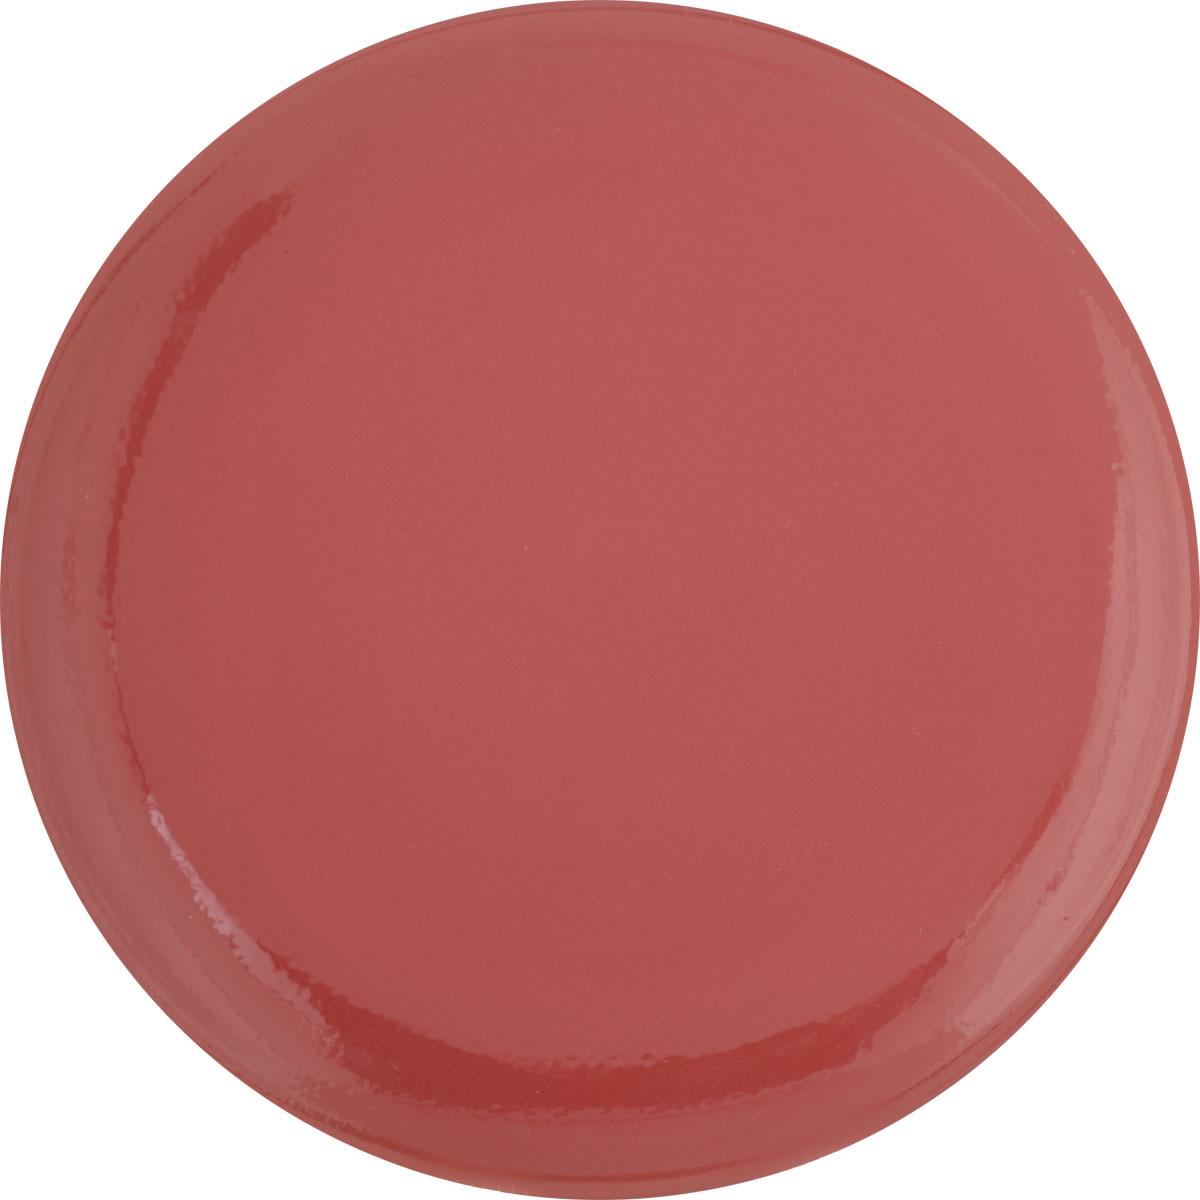 Тарелка Борисовская керамика Радуга, диаметр 23 смРАД14458120Тарелка Борисовская керамика Радуга выполнена из высококачественной керамики. Изделие идеально подойдет для сервировки стола и станет отличным подарком к любому празднику.Можно использовать в духовке и микроволновой печи.